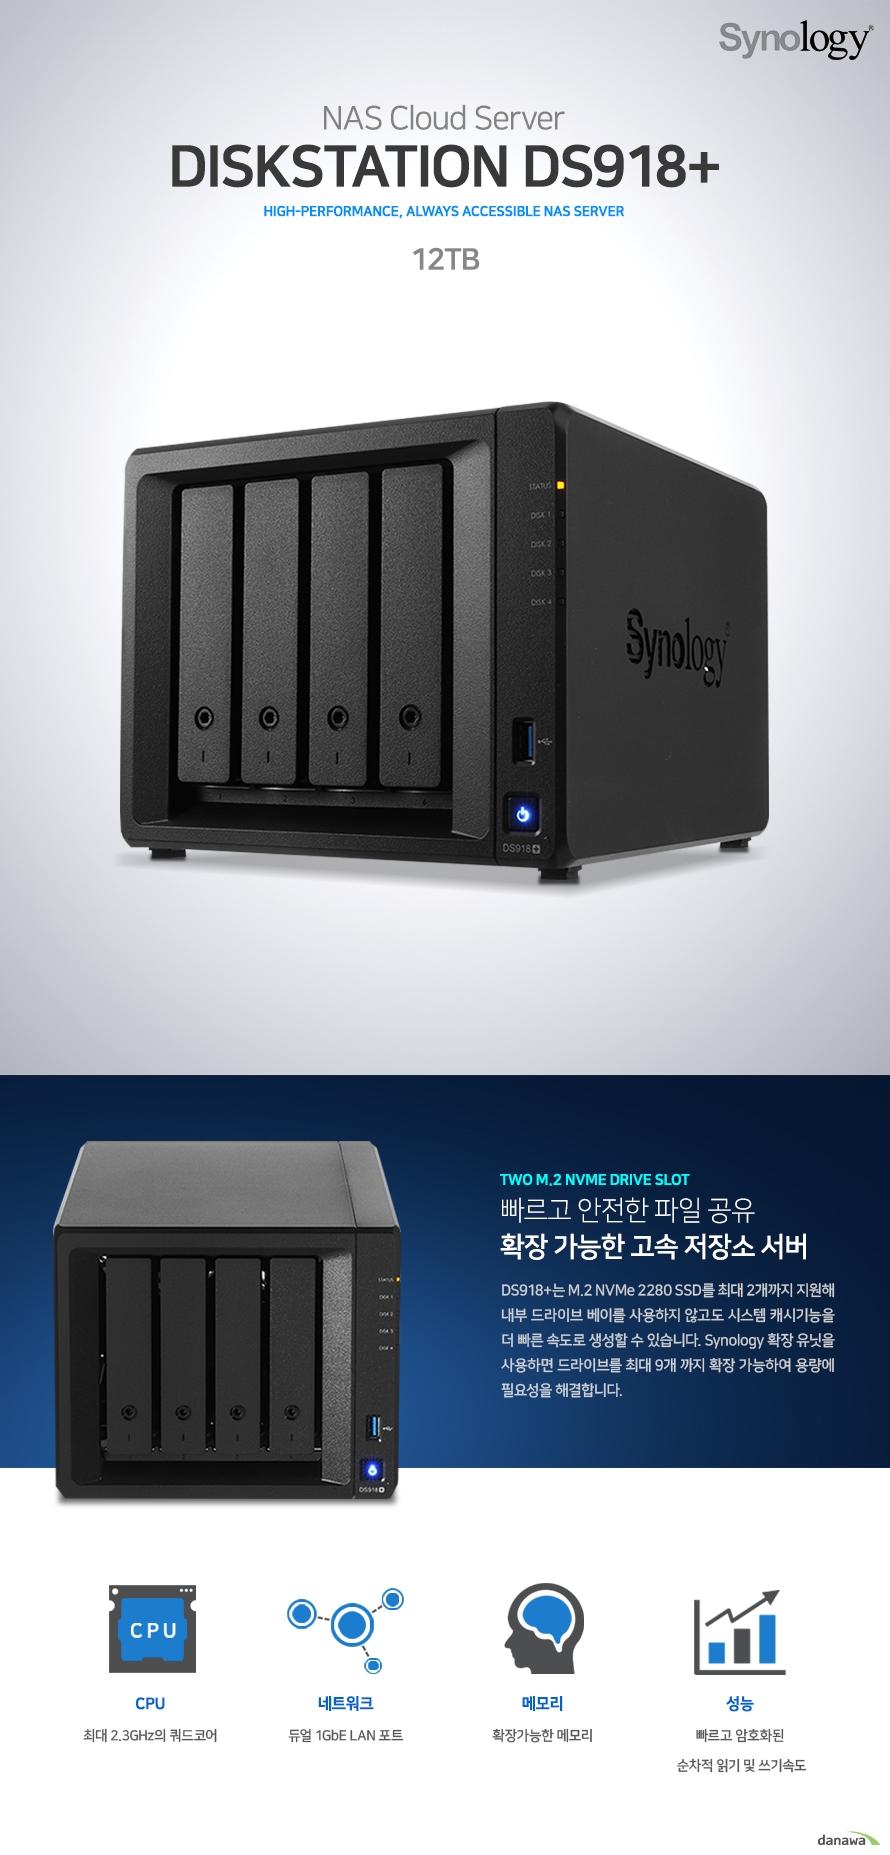 DISKSTATION DS918+. 빠르고 안전한 파일 공유 확장 가능한 고속 저장소 서버. DS918+는 M.2 NVMe 2280 SSD를 최대 2개까지 지원해 내부 드라이브 베이를 사용하지 않고도 시스템 캐시기능을 더 빠른 속도로 생성할 수 있습니다. Synology 확장 유닛을 사용하면 드라이브를 최대 9개 까지 확장 가능하여 용량에 필요성을 해결합니다. CPU 최대 2.3GHz의 쿼드코어/네트워크 듀얼 1GbE LAN 포트/메모리 확장가능한 메모리/성능 빠르고 암호화된 순차적 읽기 및 쓰기속도